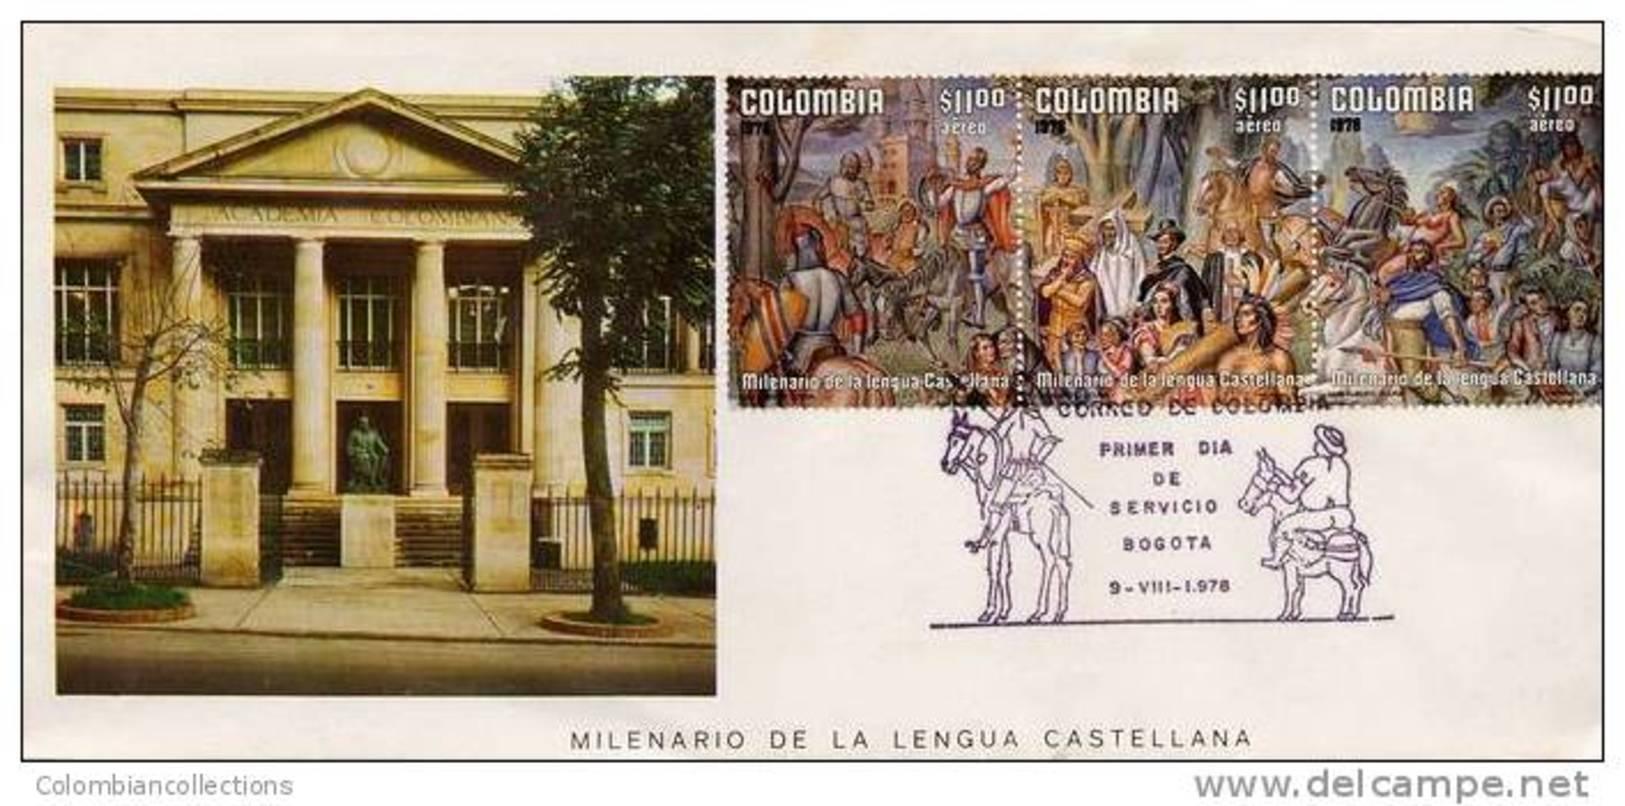 Lote 1398-0F, Colombia, 1978, SPD-FDC, Milenario De La Lengua Castellana, El Quijote Y Sancho, El Cid, Indian - Colombie